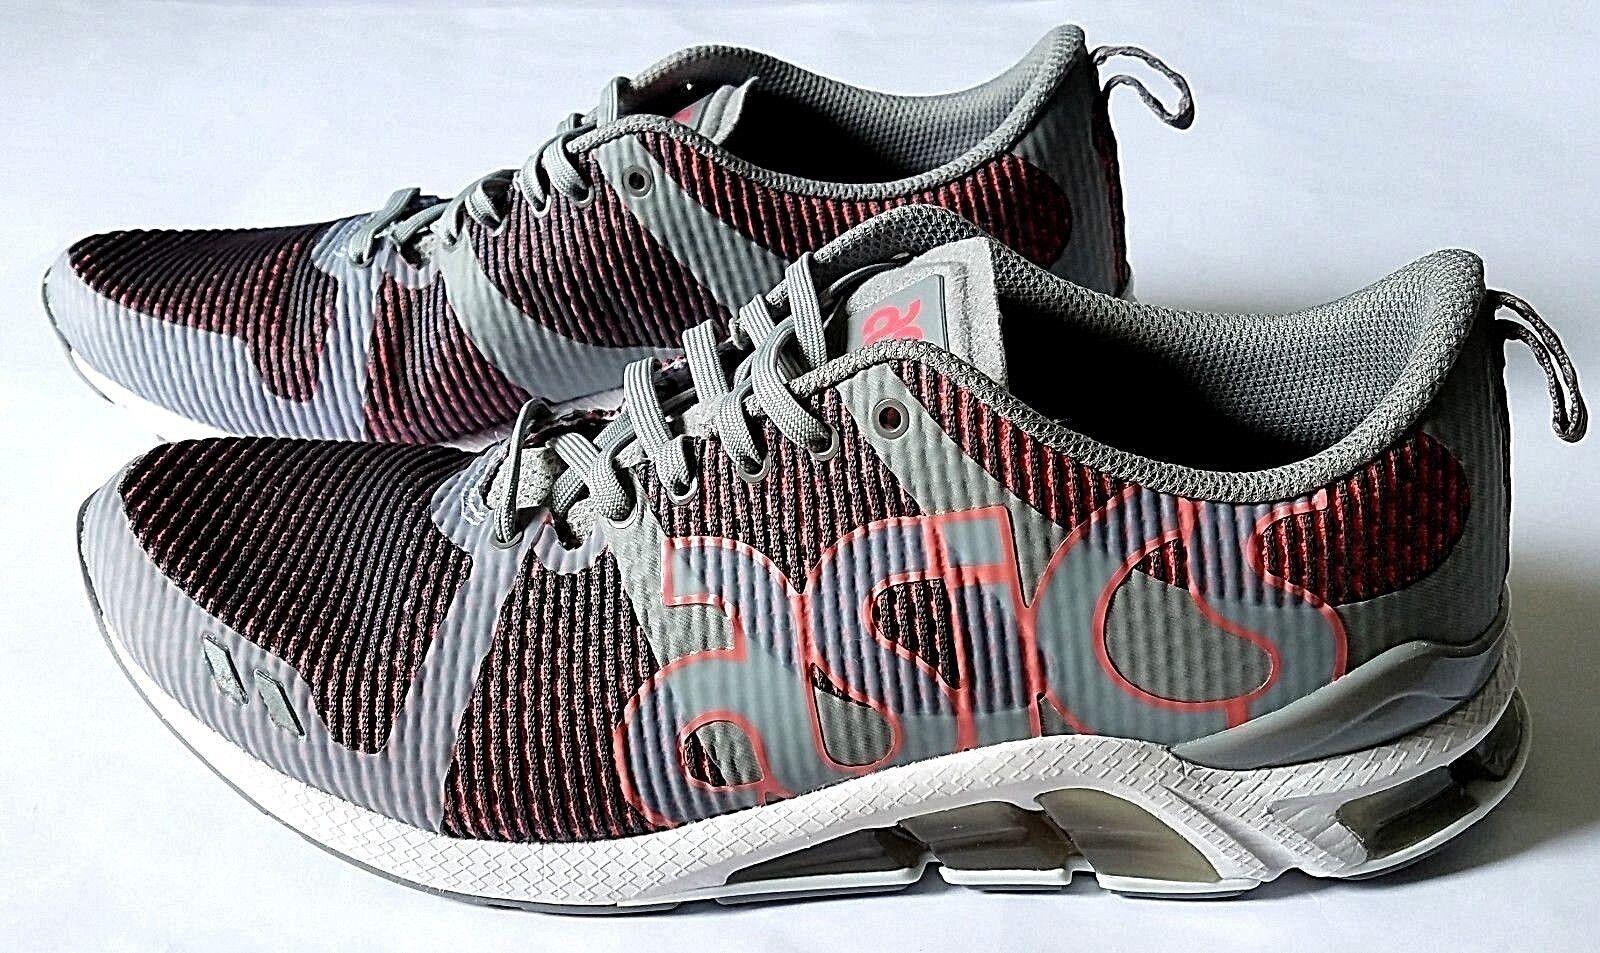 Asic gel medio lyte 180 uomini hn6c1 medio gel grey / guava scarpe da corsa sz 10,5 12 e2a57e